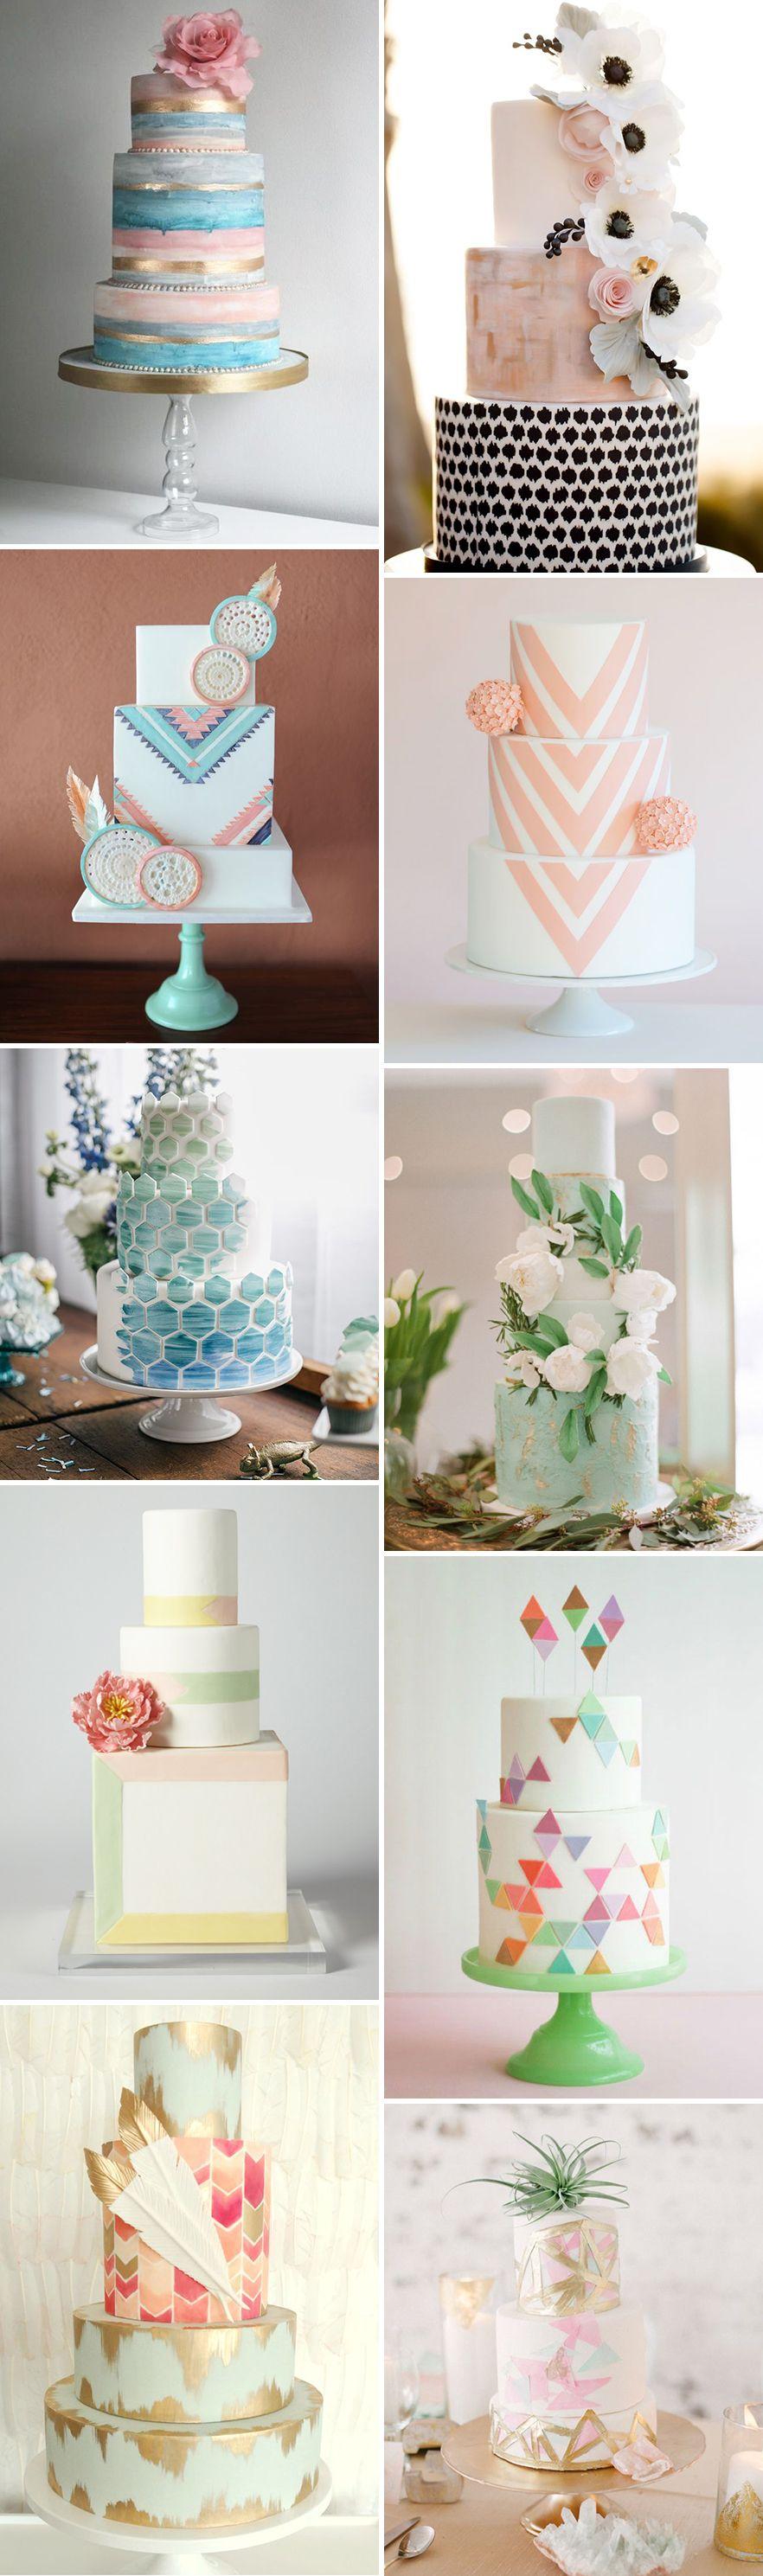 Modernpastelcakes cake and sugar designs pinterest pastel